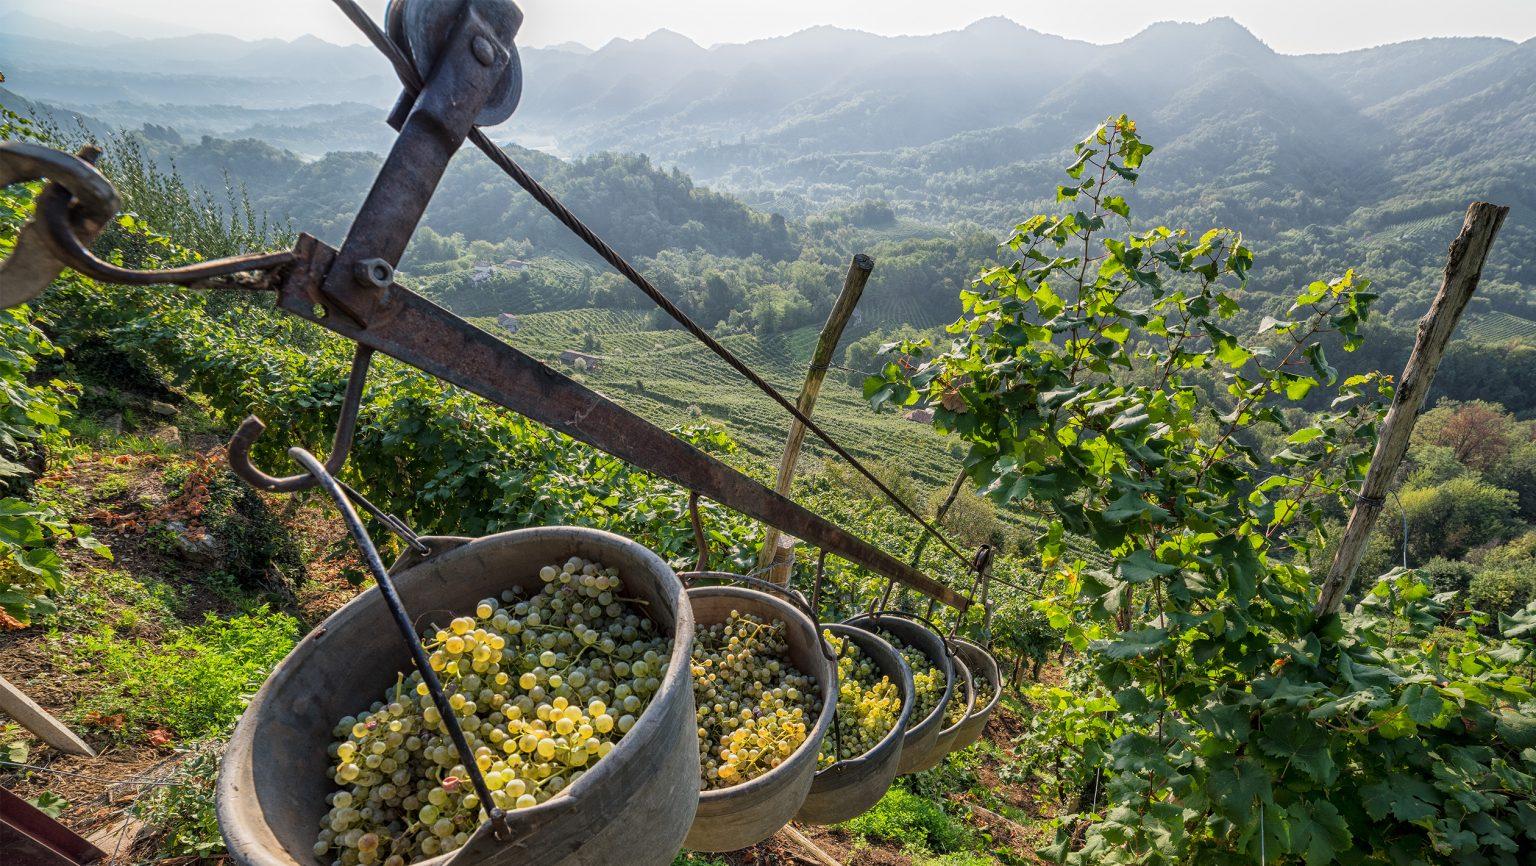 SFD ProseccoDOCG Heroic harvest in the hills of Conegliano Valdobbiadene Prosecco Superiore Docg CR Arcangelo Piai slideshow 2520x1420 1536x866.